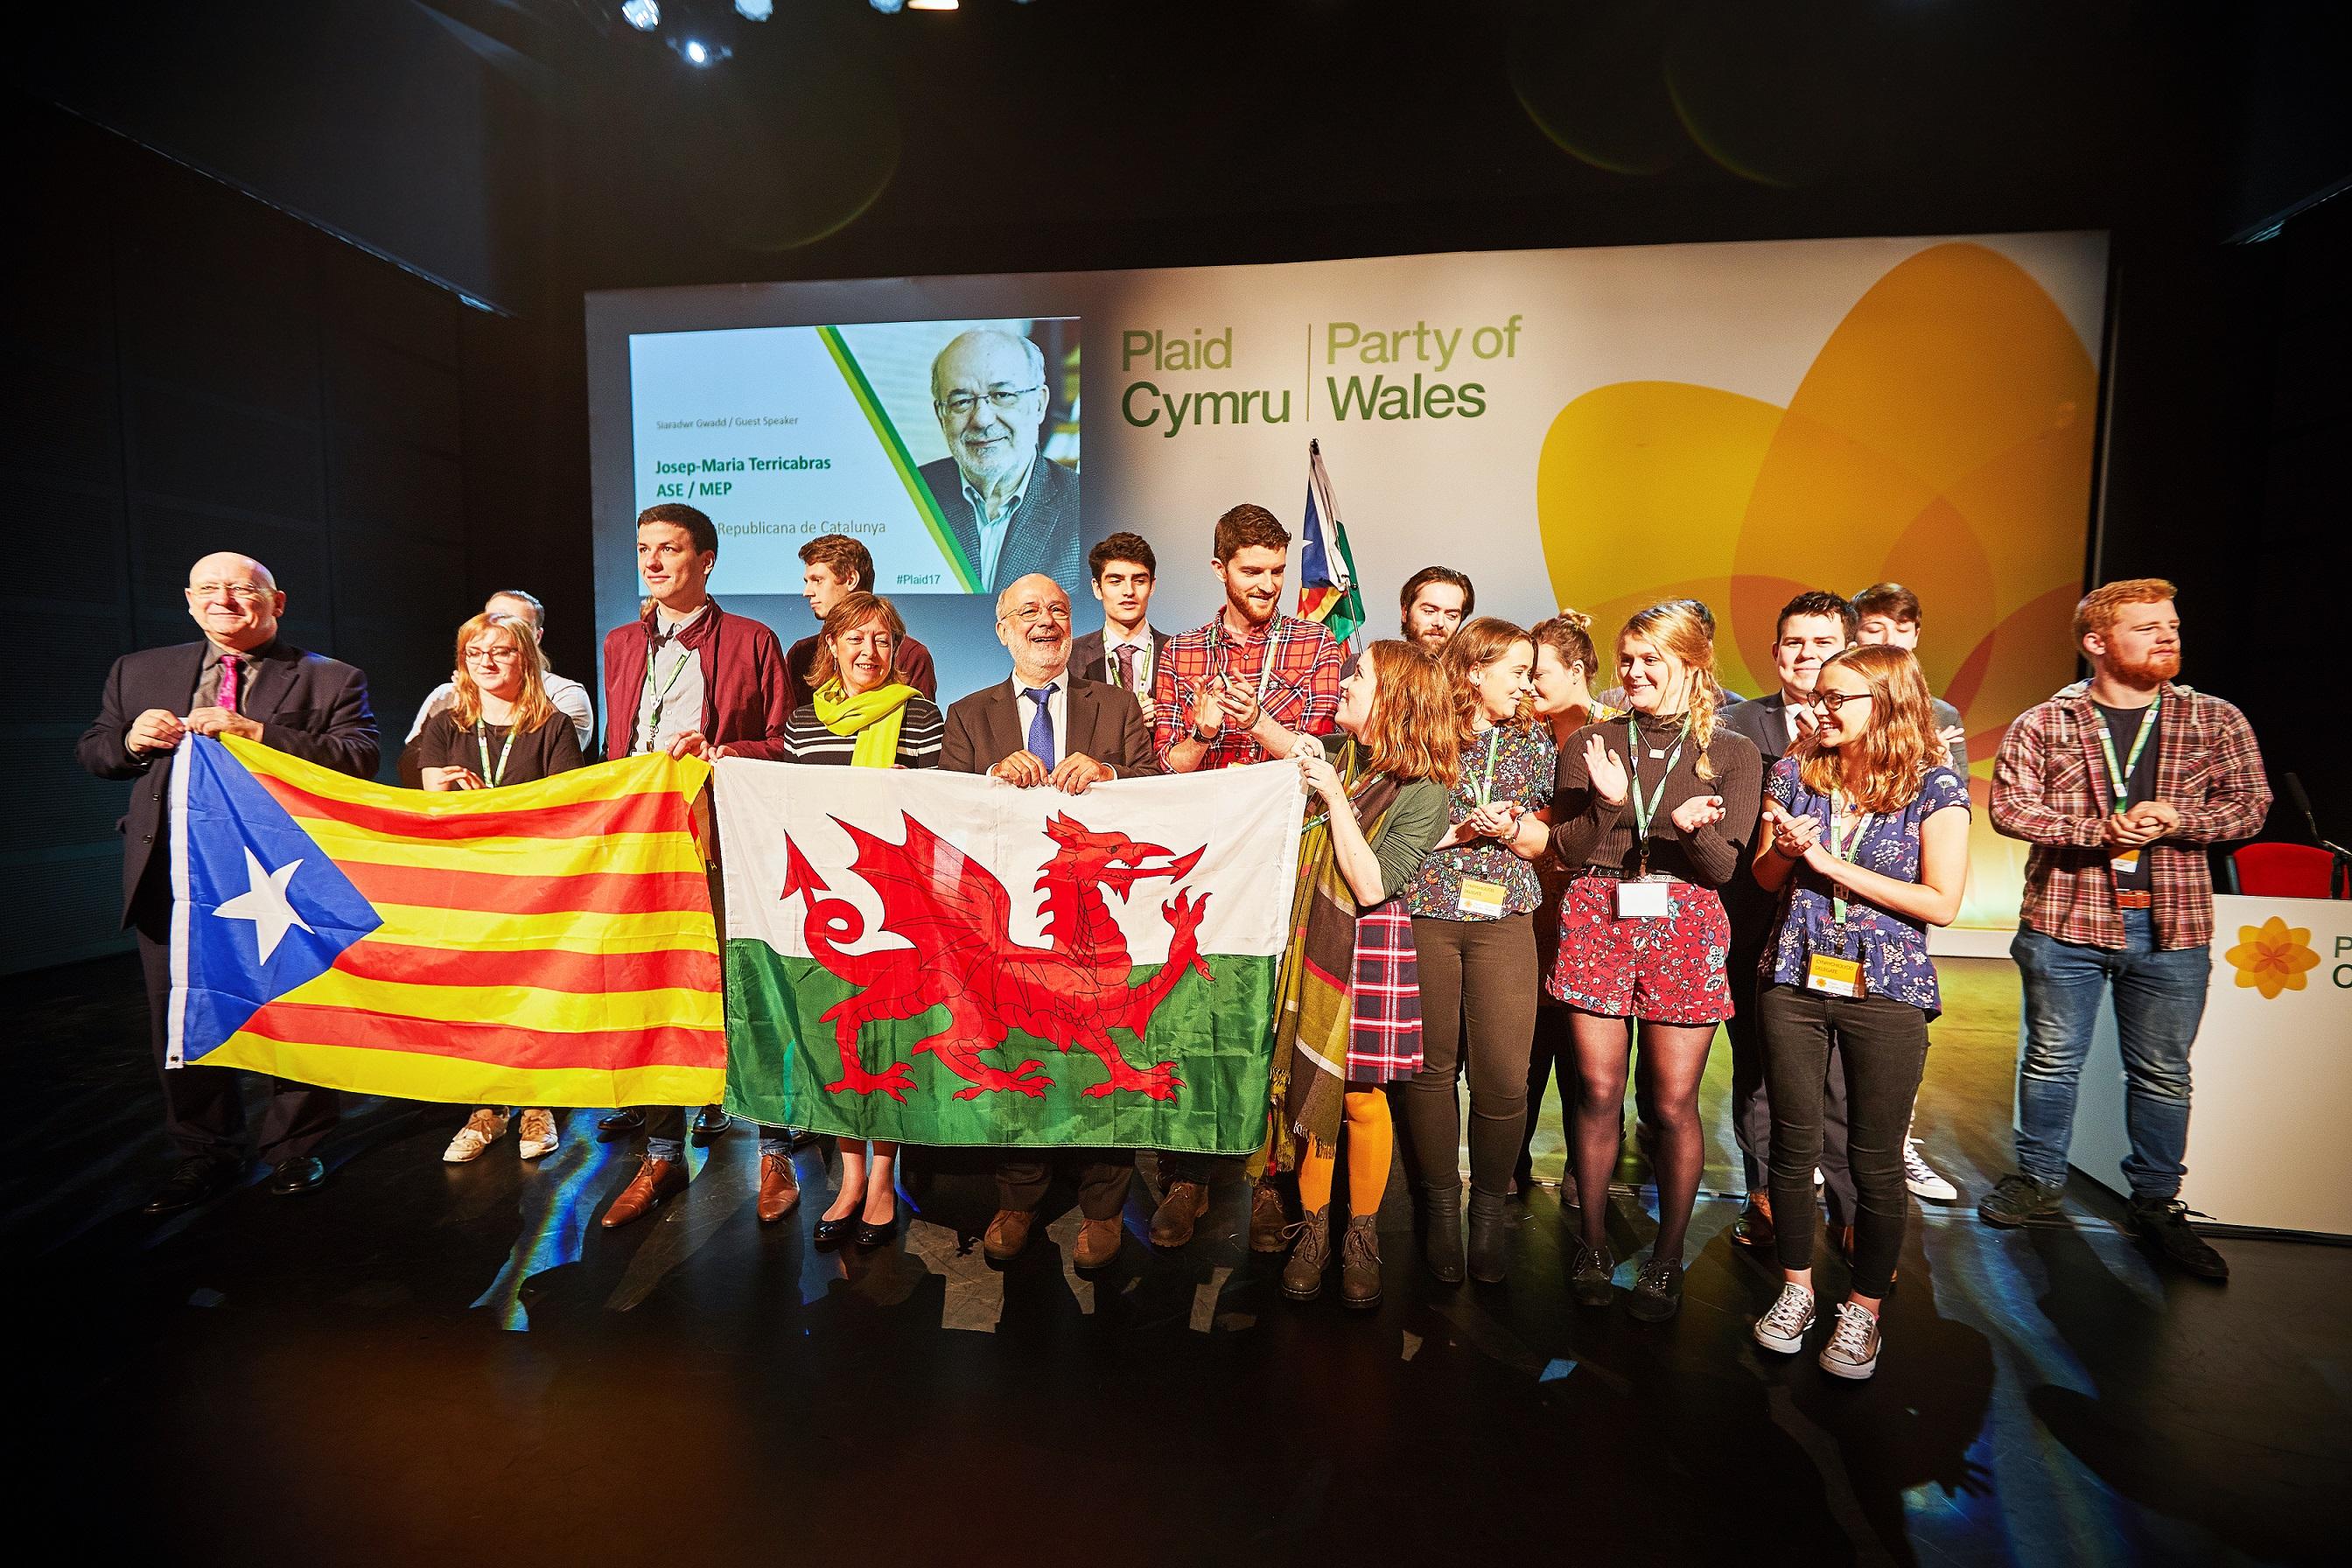 Catalonia_Plaid_Cymru_(1).jpg